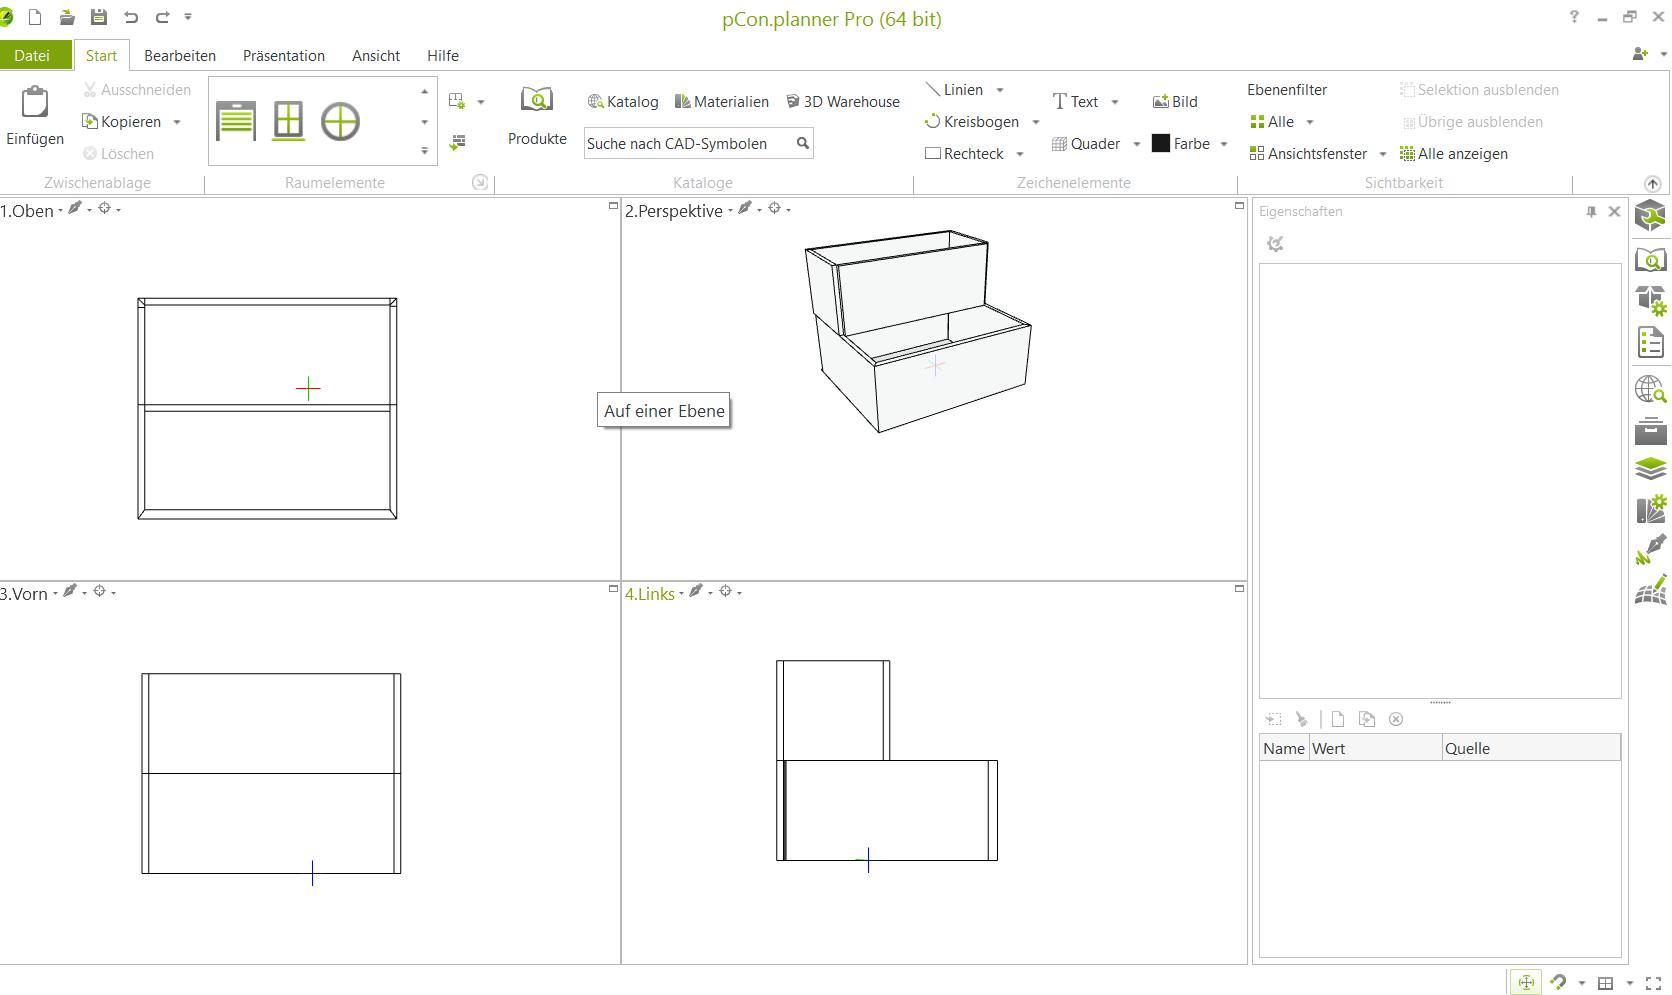 Der Blick von oben: Zwischengeschosse und Lofts erstellen Raumplanung pCon.planner